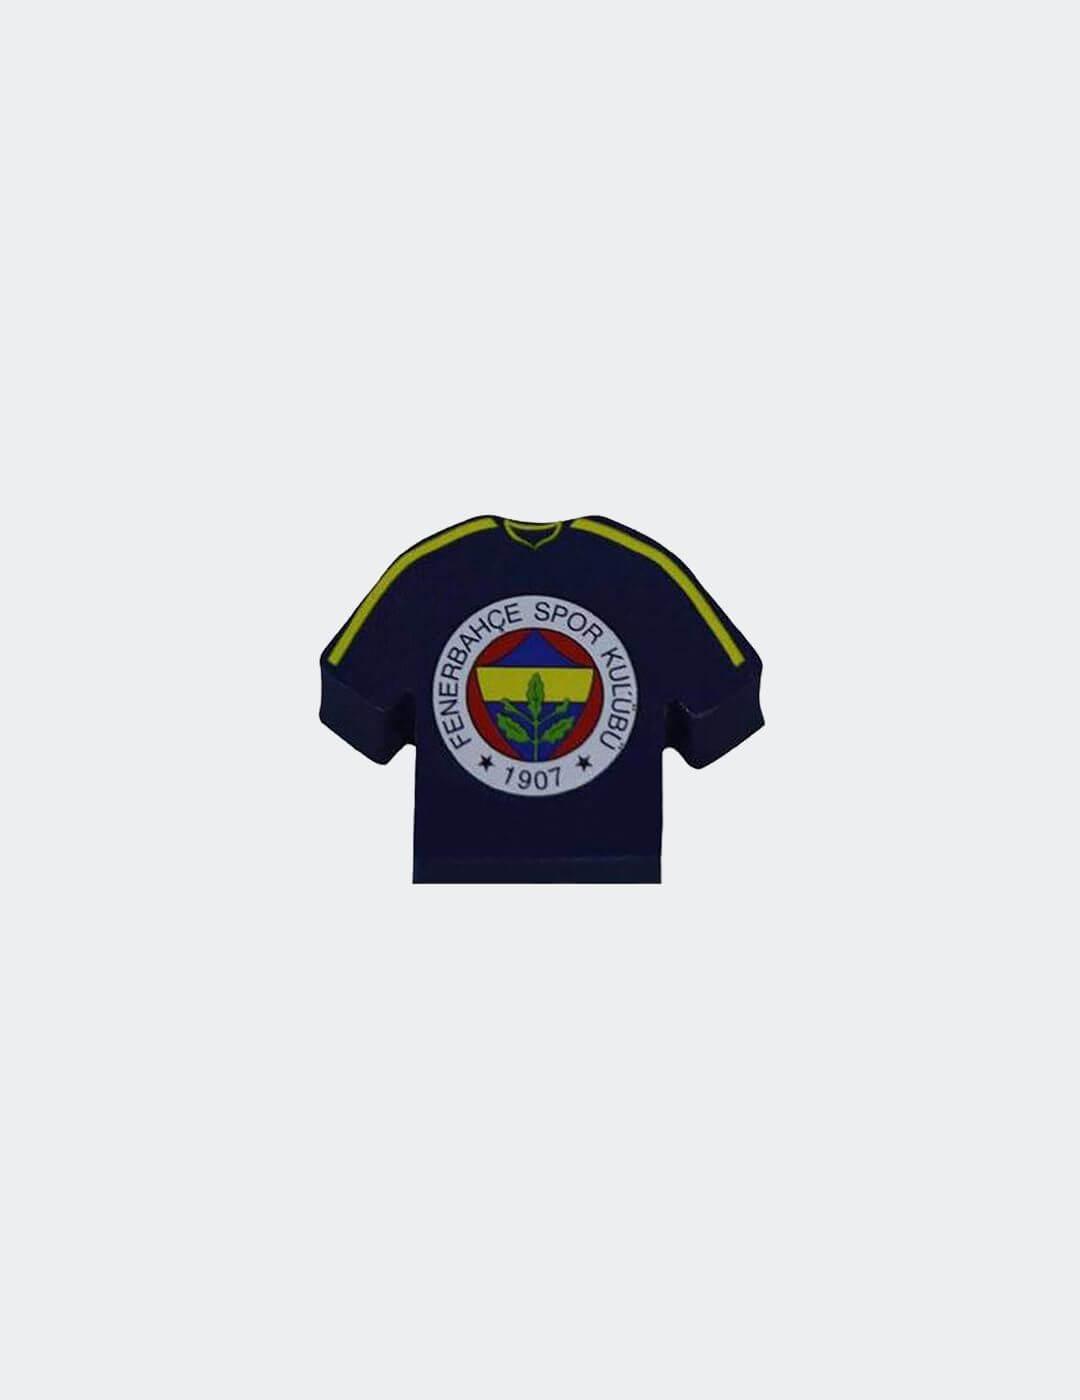 Fenerbahçe Şekilli Silgi